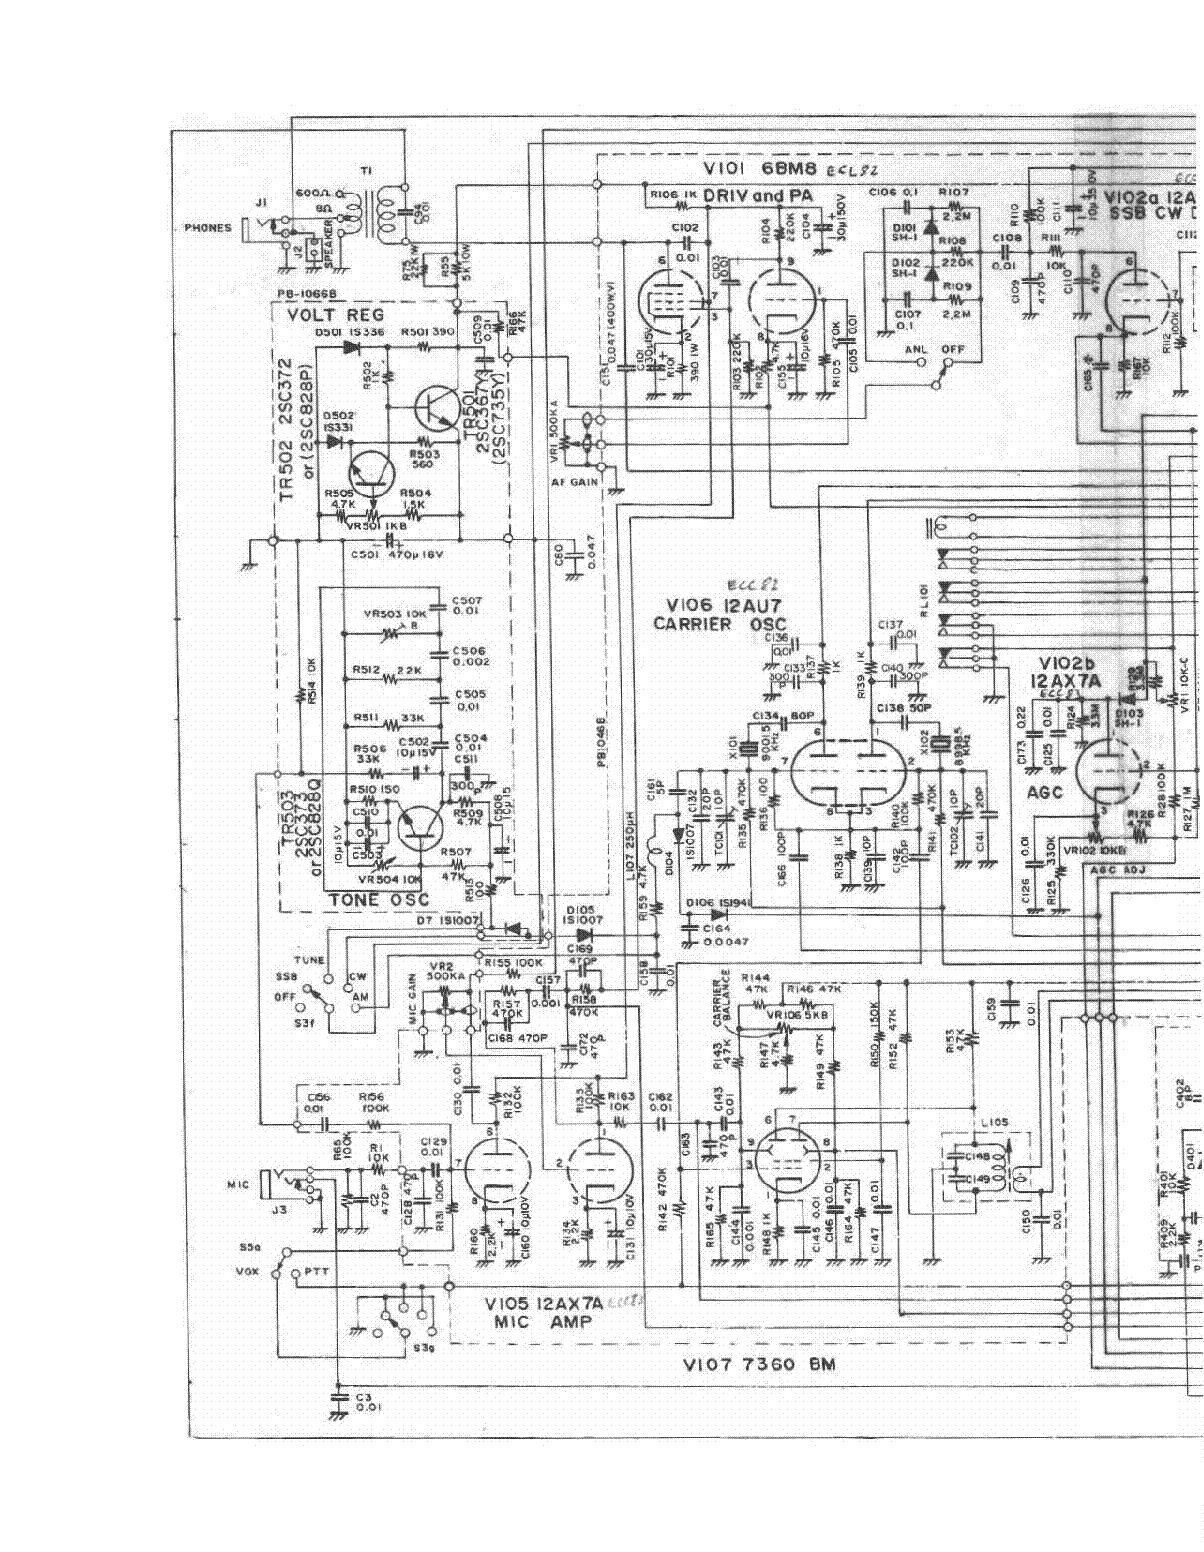 Sommerkamp Ft 250 Transceiver Service Manual Download